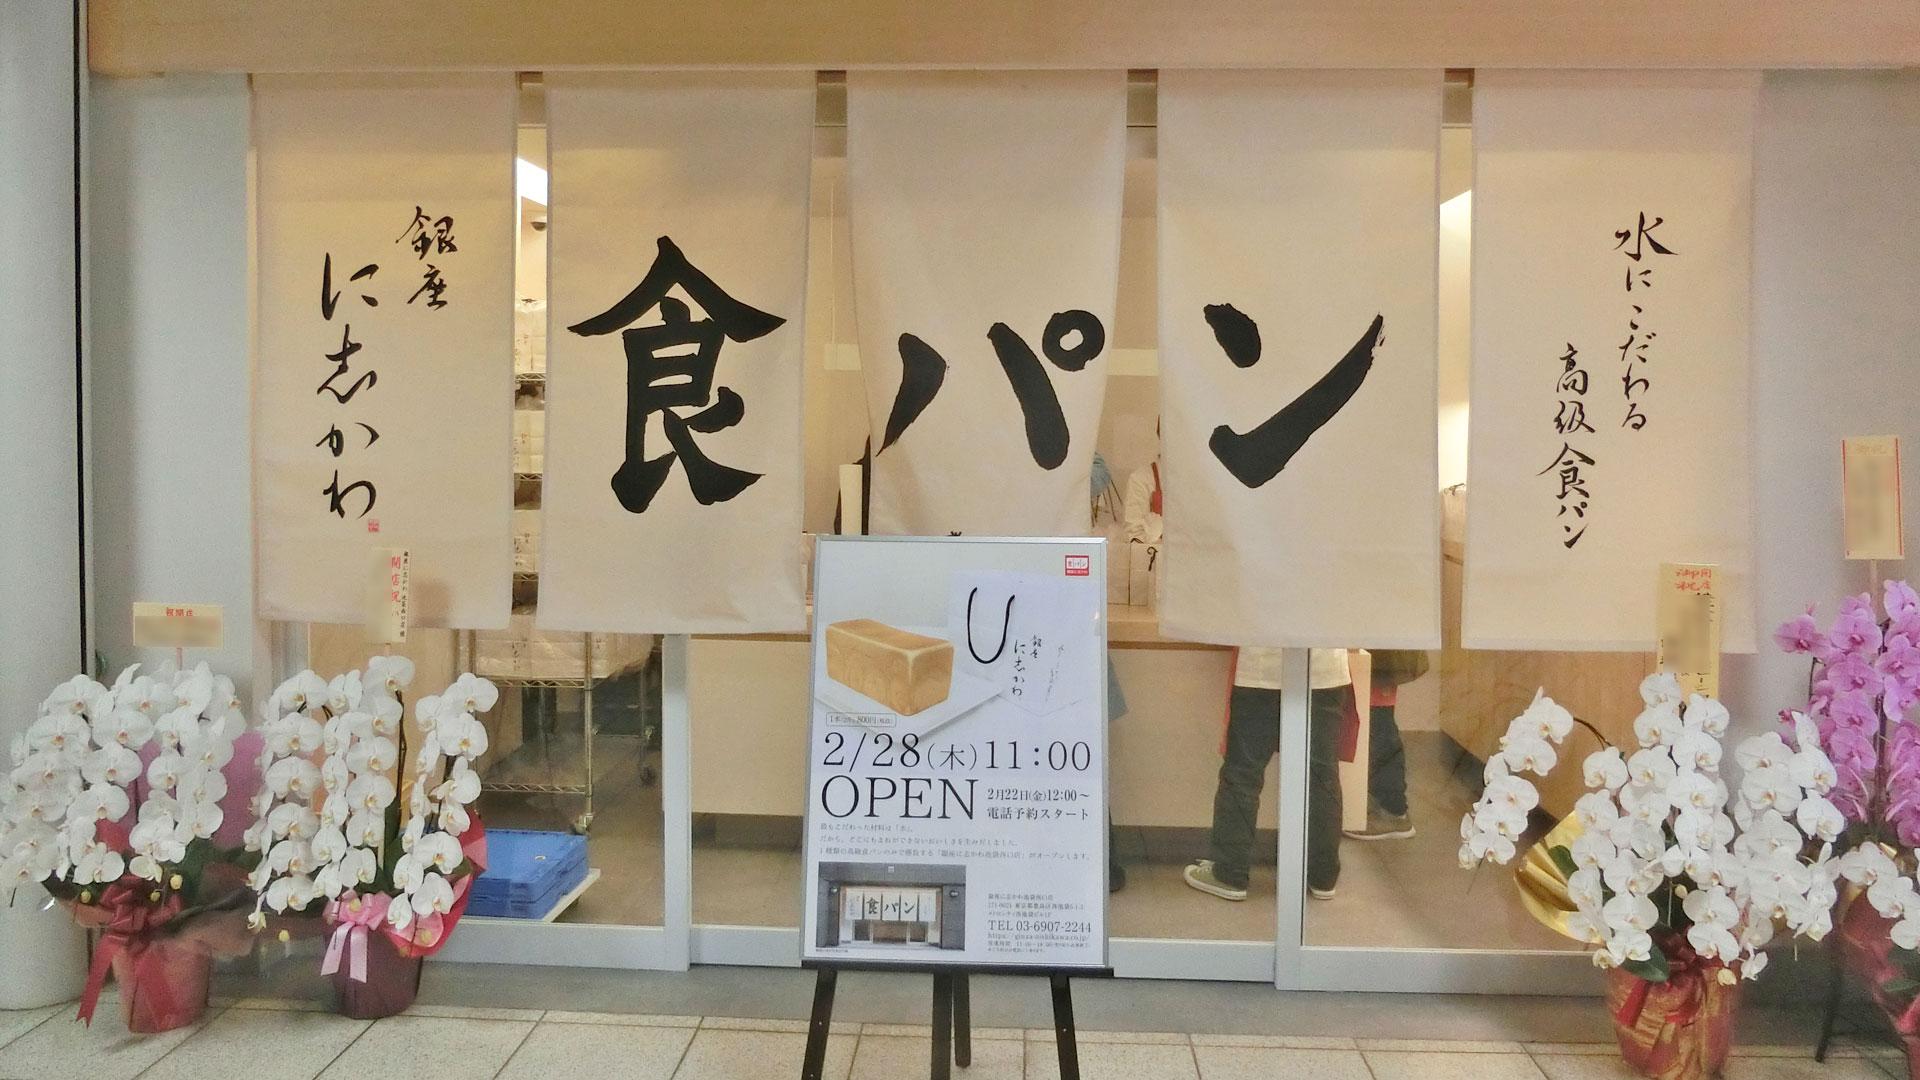 池袋西口店が2月28日(木)にオープンしました